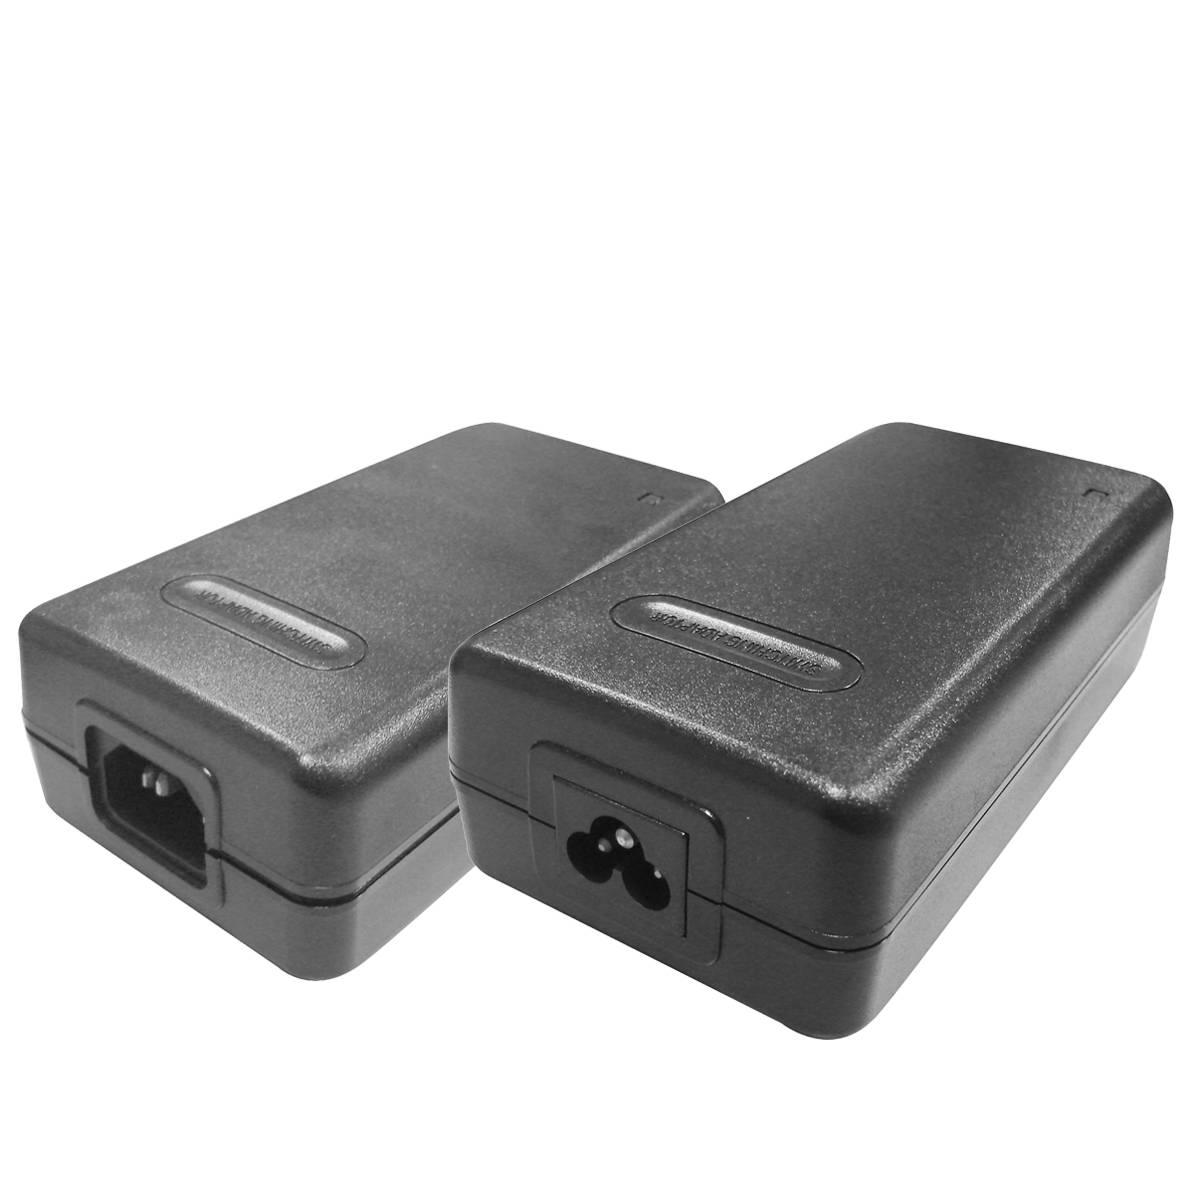 AGM050  50W Medical Desktop Adapter